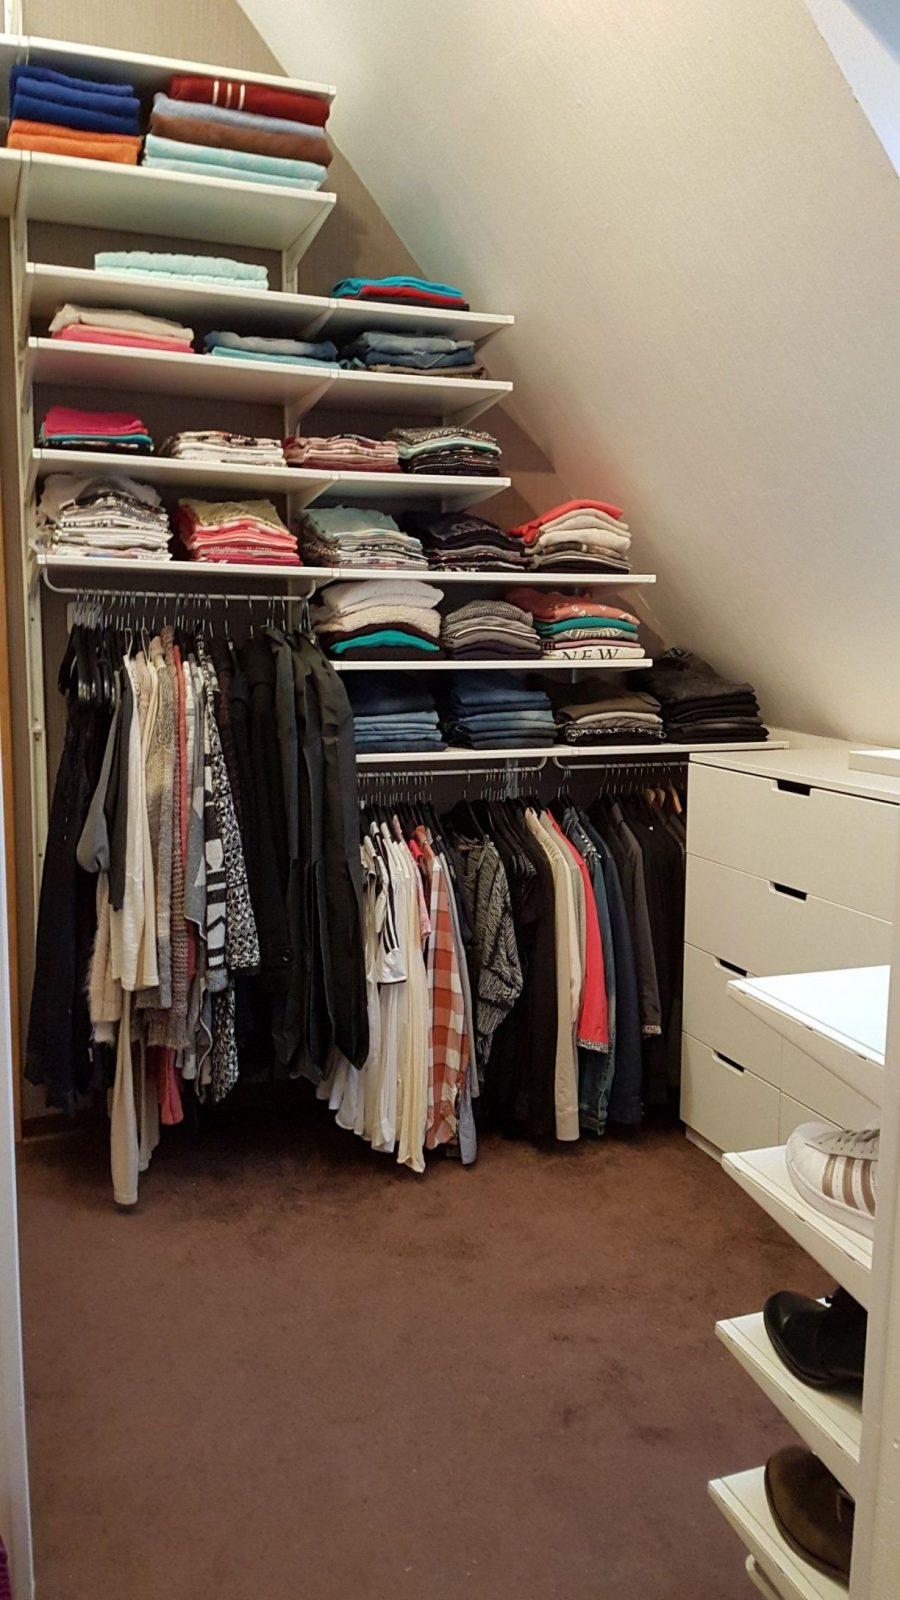 Unser Neues Ankleidezimmer Diy Ikea Selbermachen Regale Schrank von Begehbarer Kleiderschrank Dachschräge Selber Bauen Bild